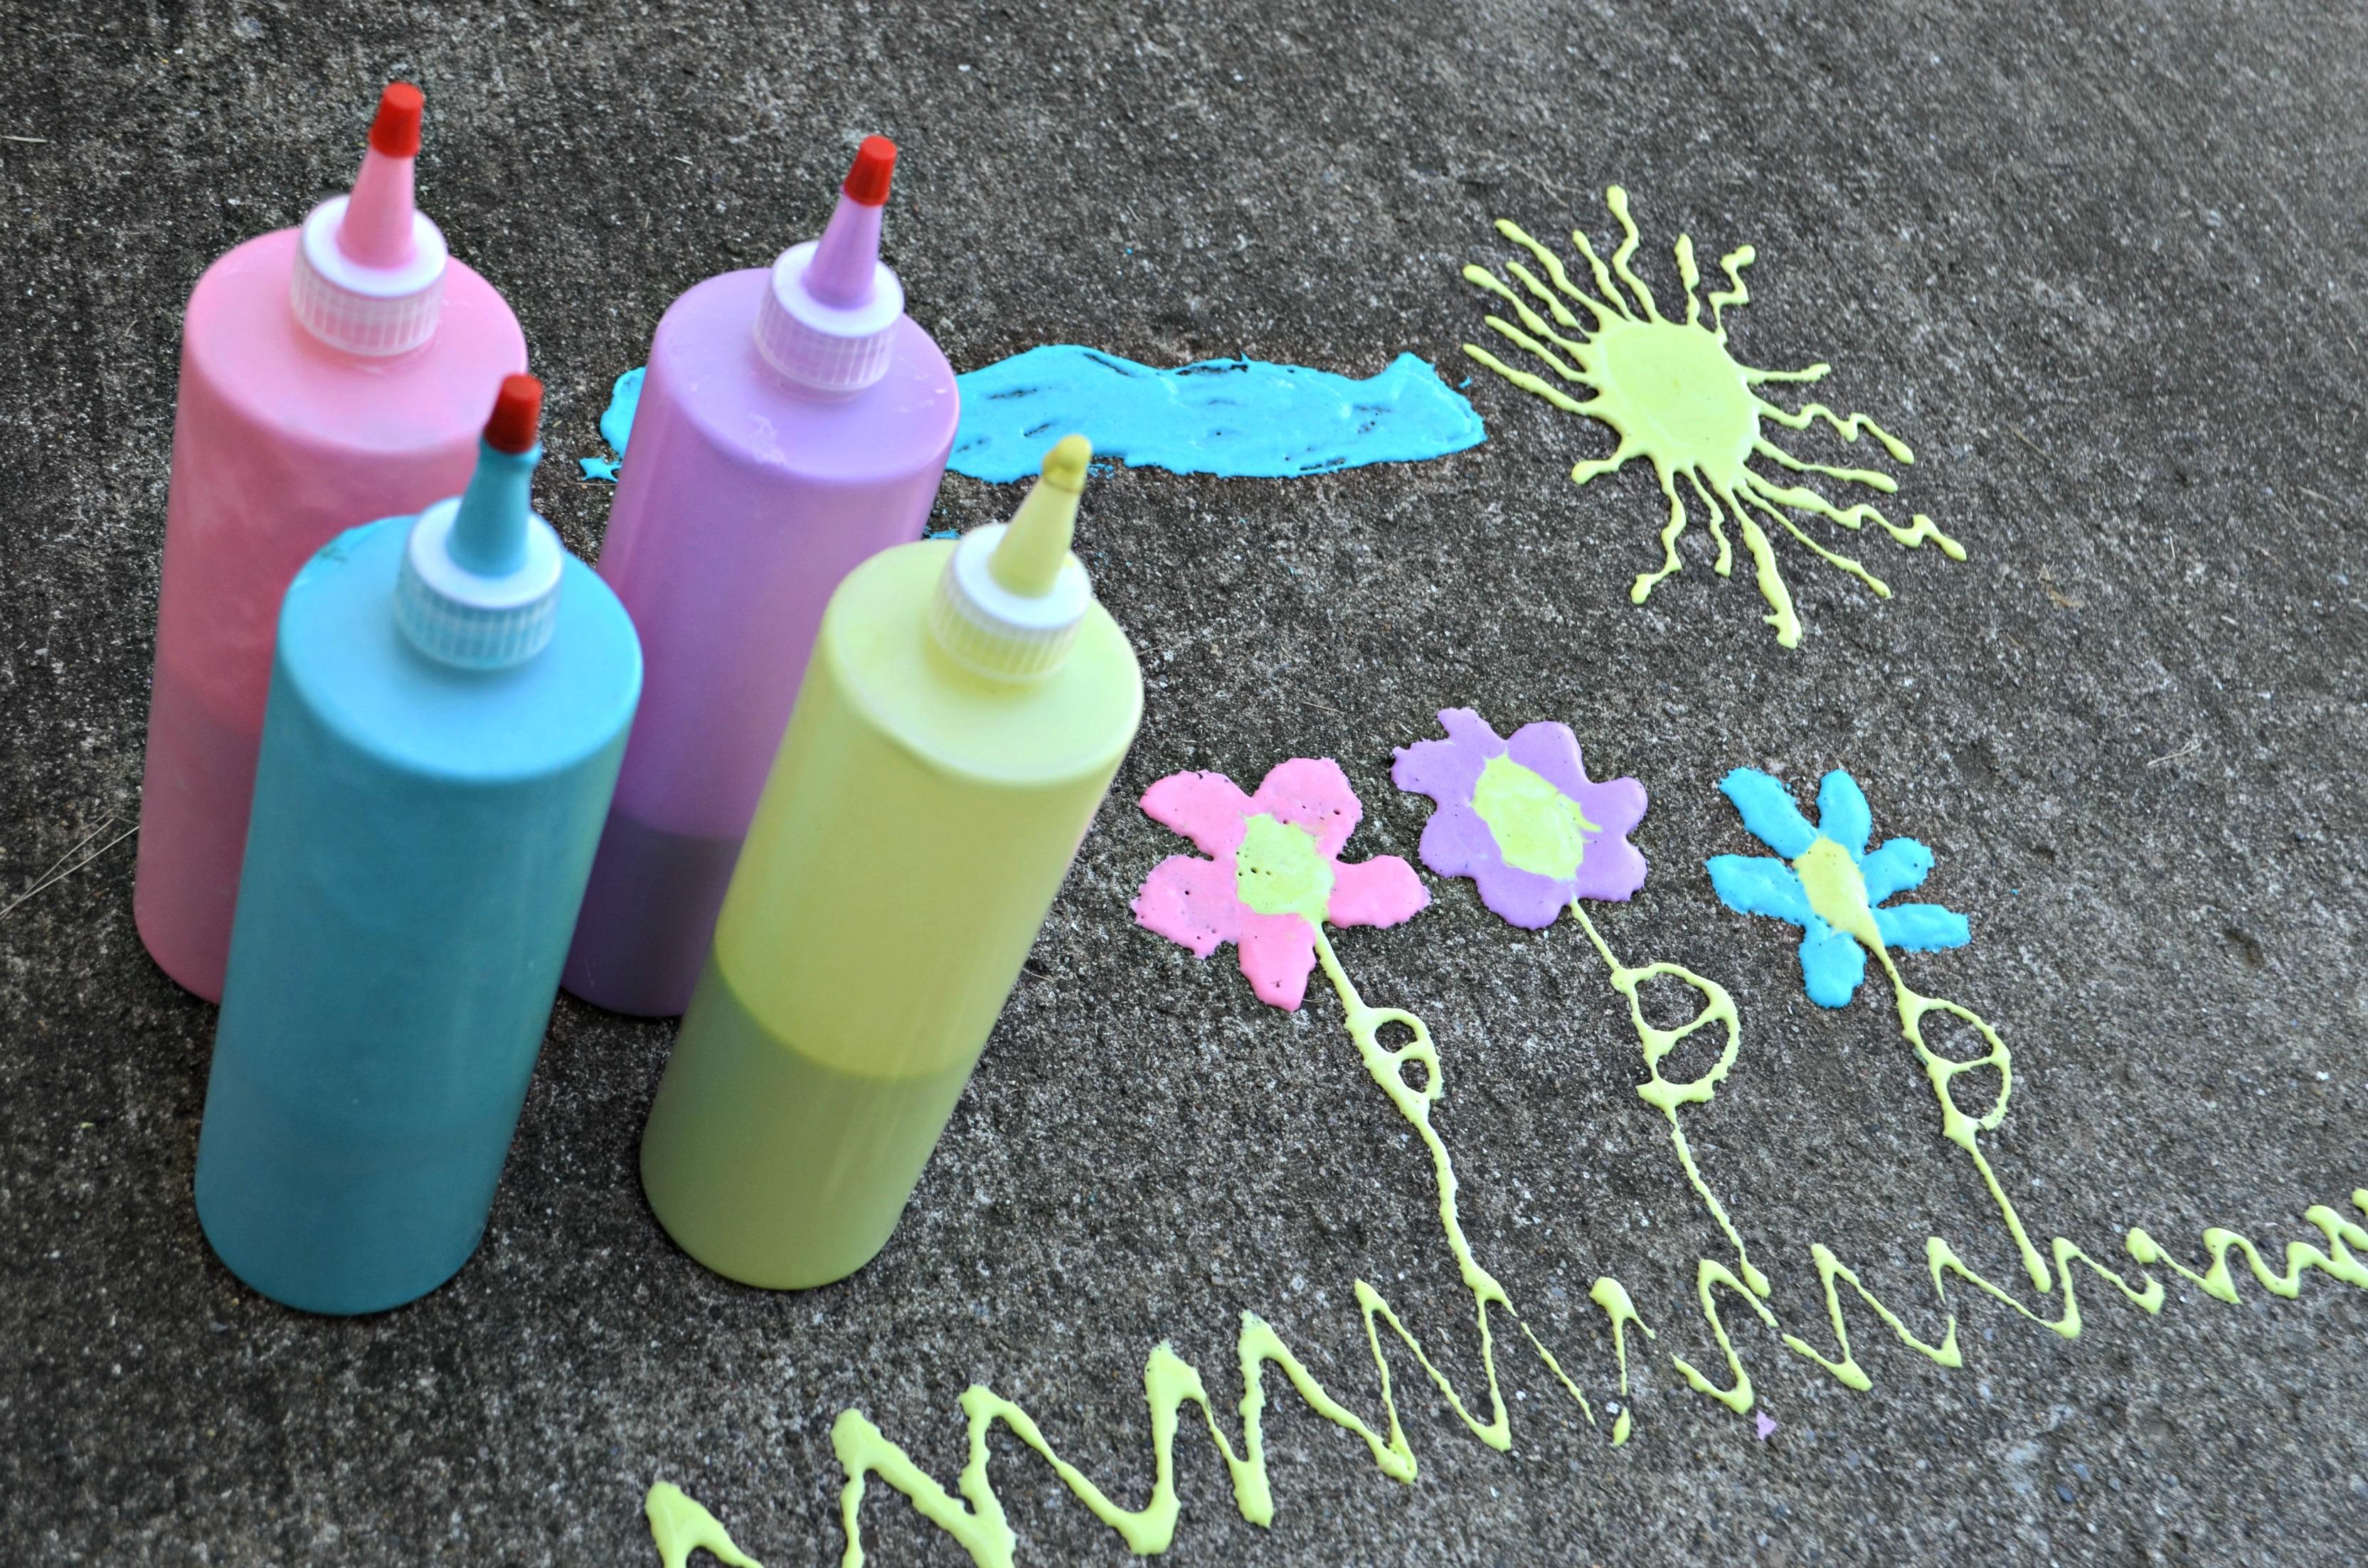 3-Ingredient DIY Puffy Sidewalk Paint - bottles of paint plus drawings in paint